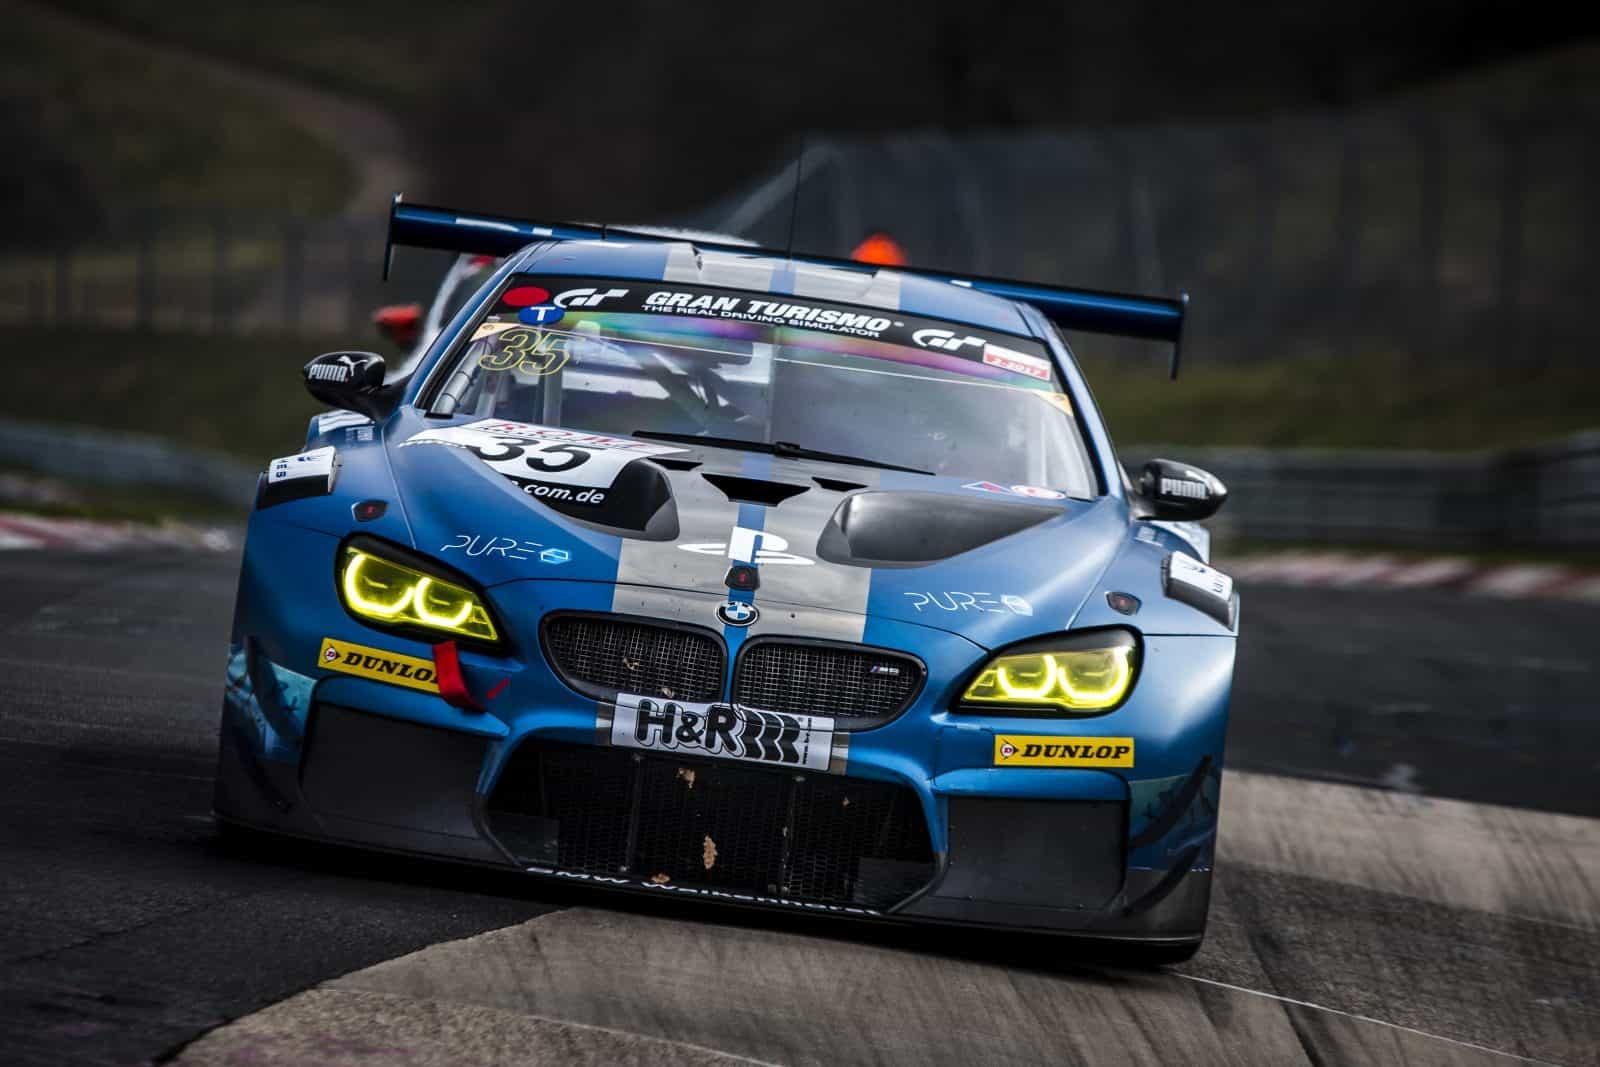 Rennfahrer David Schiwietz - PlayStation BMW M6 GT3 2018 24h Rennen PURE Energy Drink